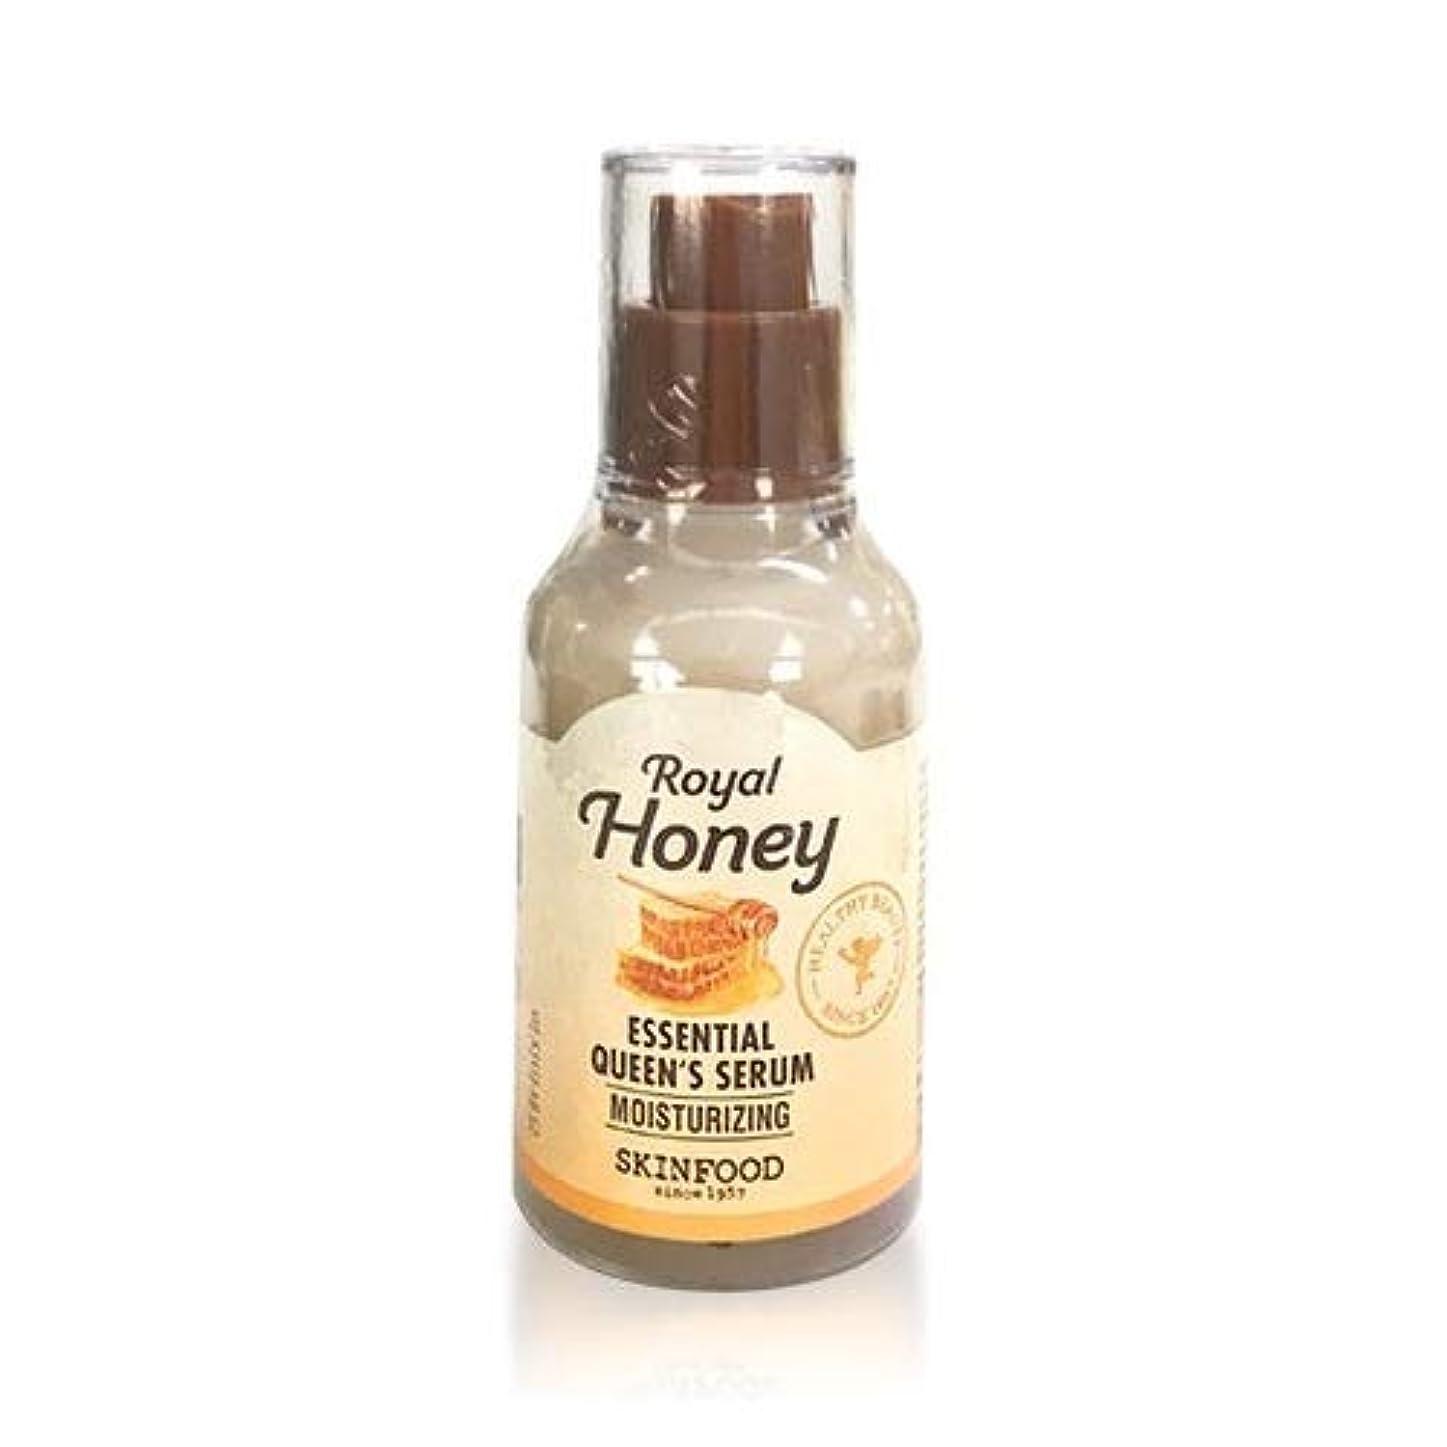 毎週余剰設計図[リニューアル] スキンフード ロイヤルハニーエッセンシャル クィーンズセラム 美容液 50ml / SKINFOOD Royal Honey Essential Queen's Serum 50ml [並行輸入品]